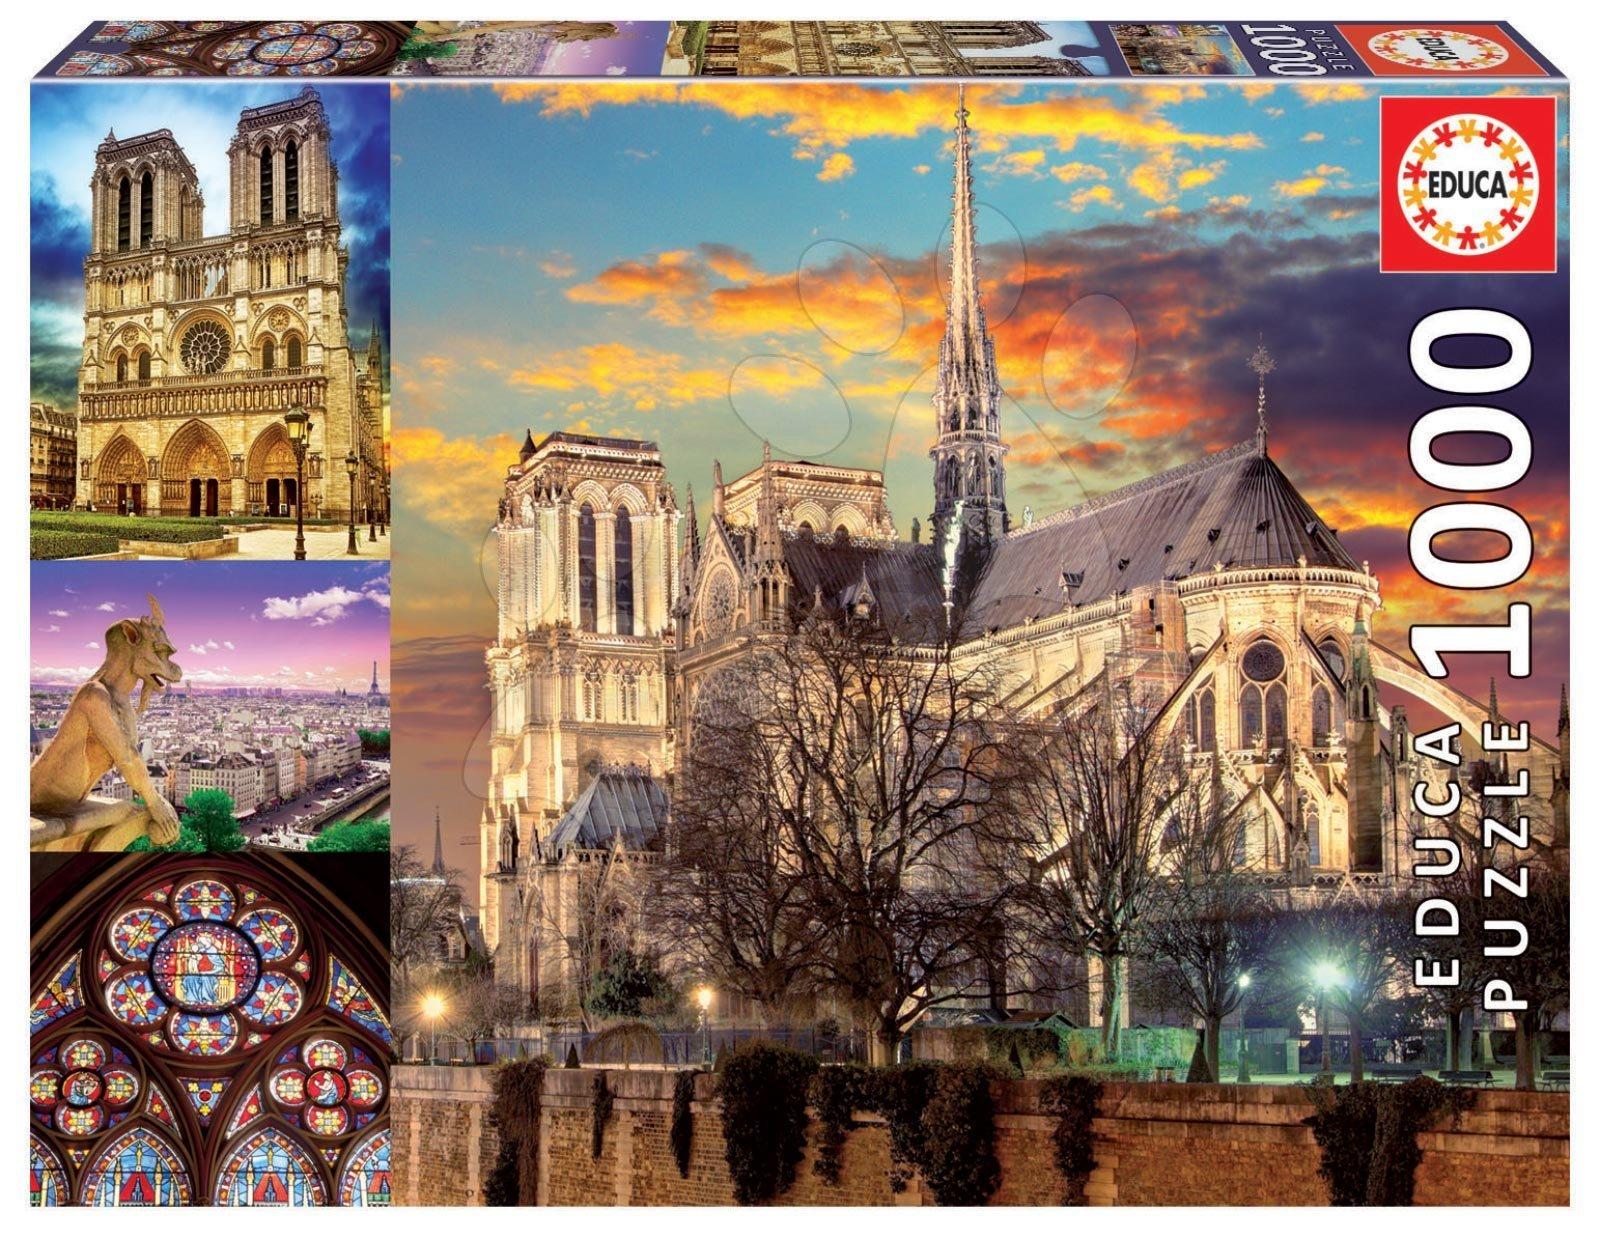 Puzzle Notre Dame Collage Educa cu 1000 piese şi lipici Fix de la 11 ani